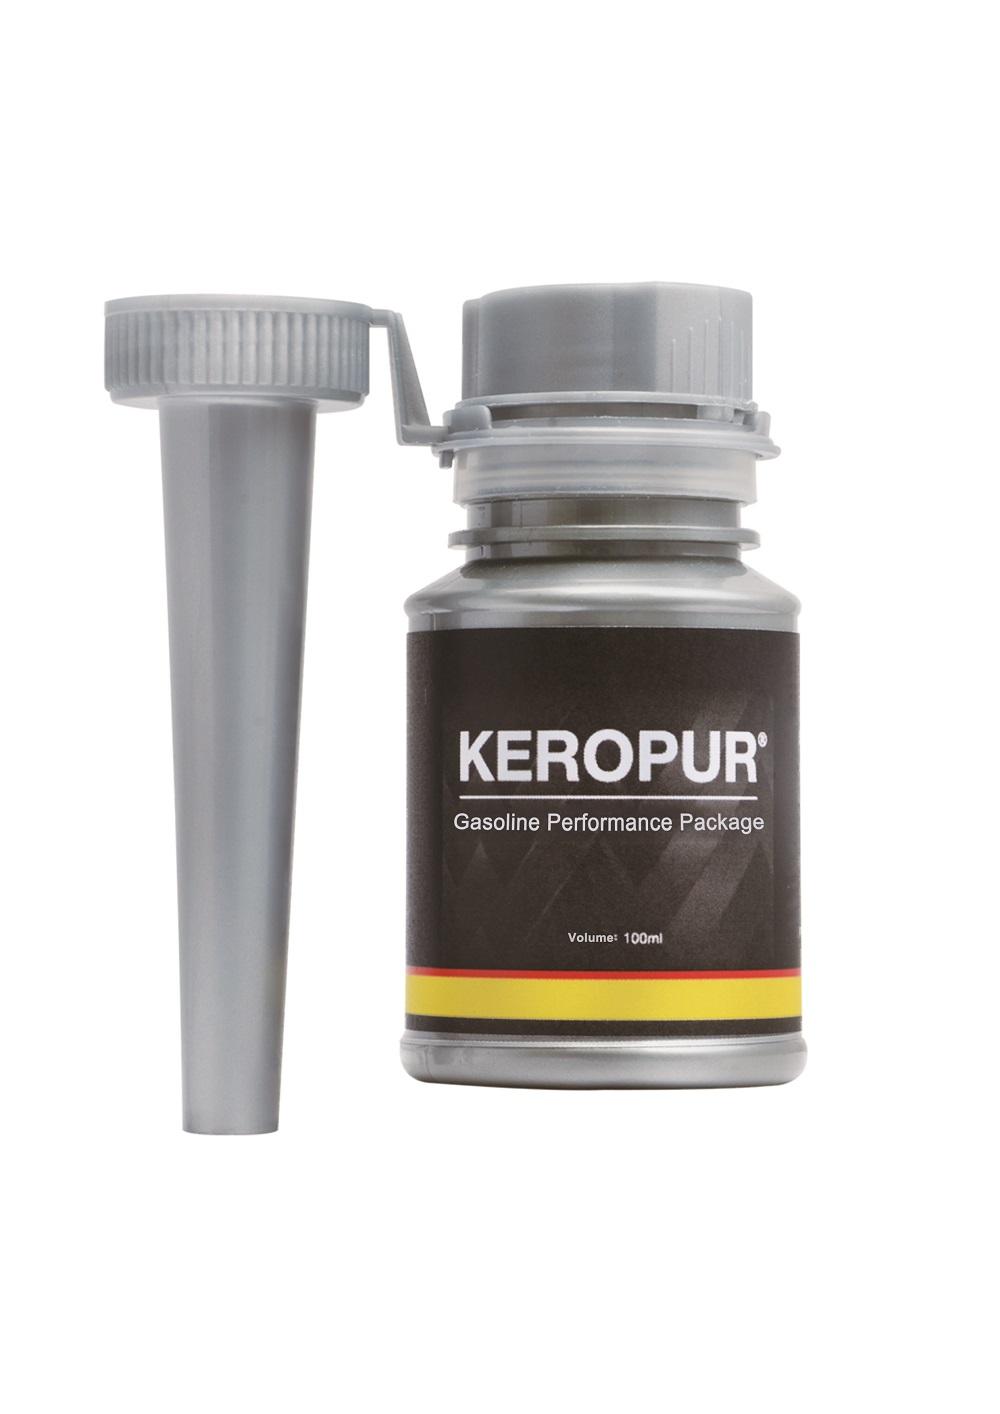 德國 BASF巴斯夫 KEROPUR快樂跑 汽油添加劑